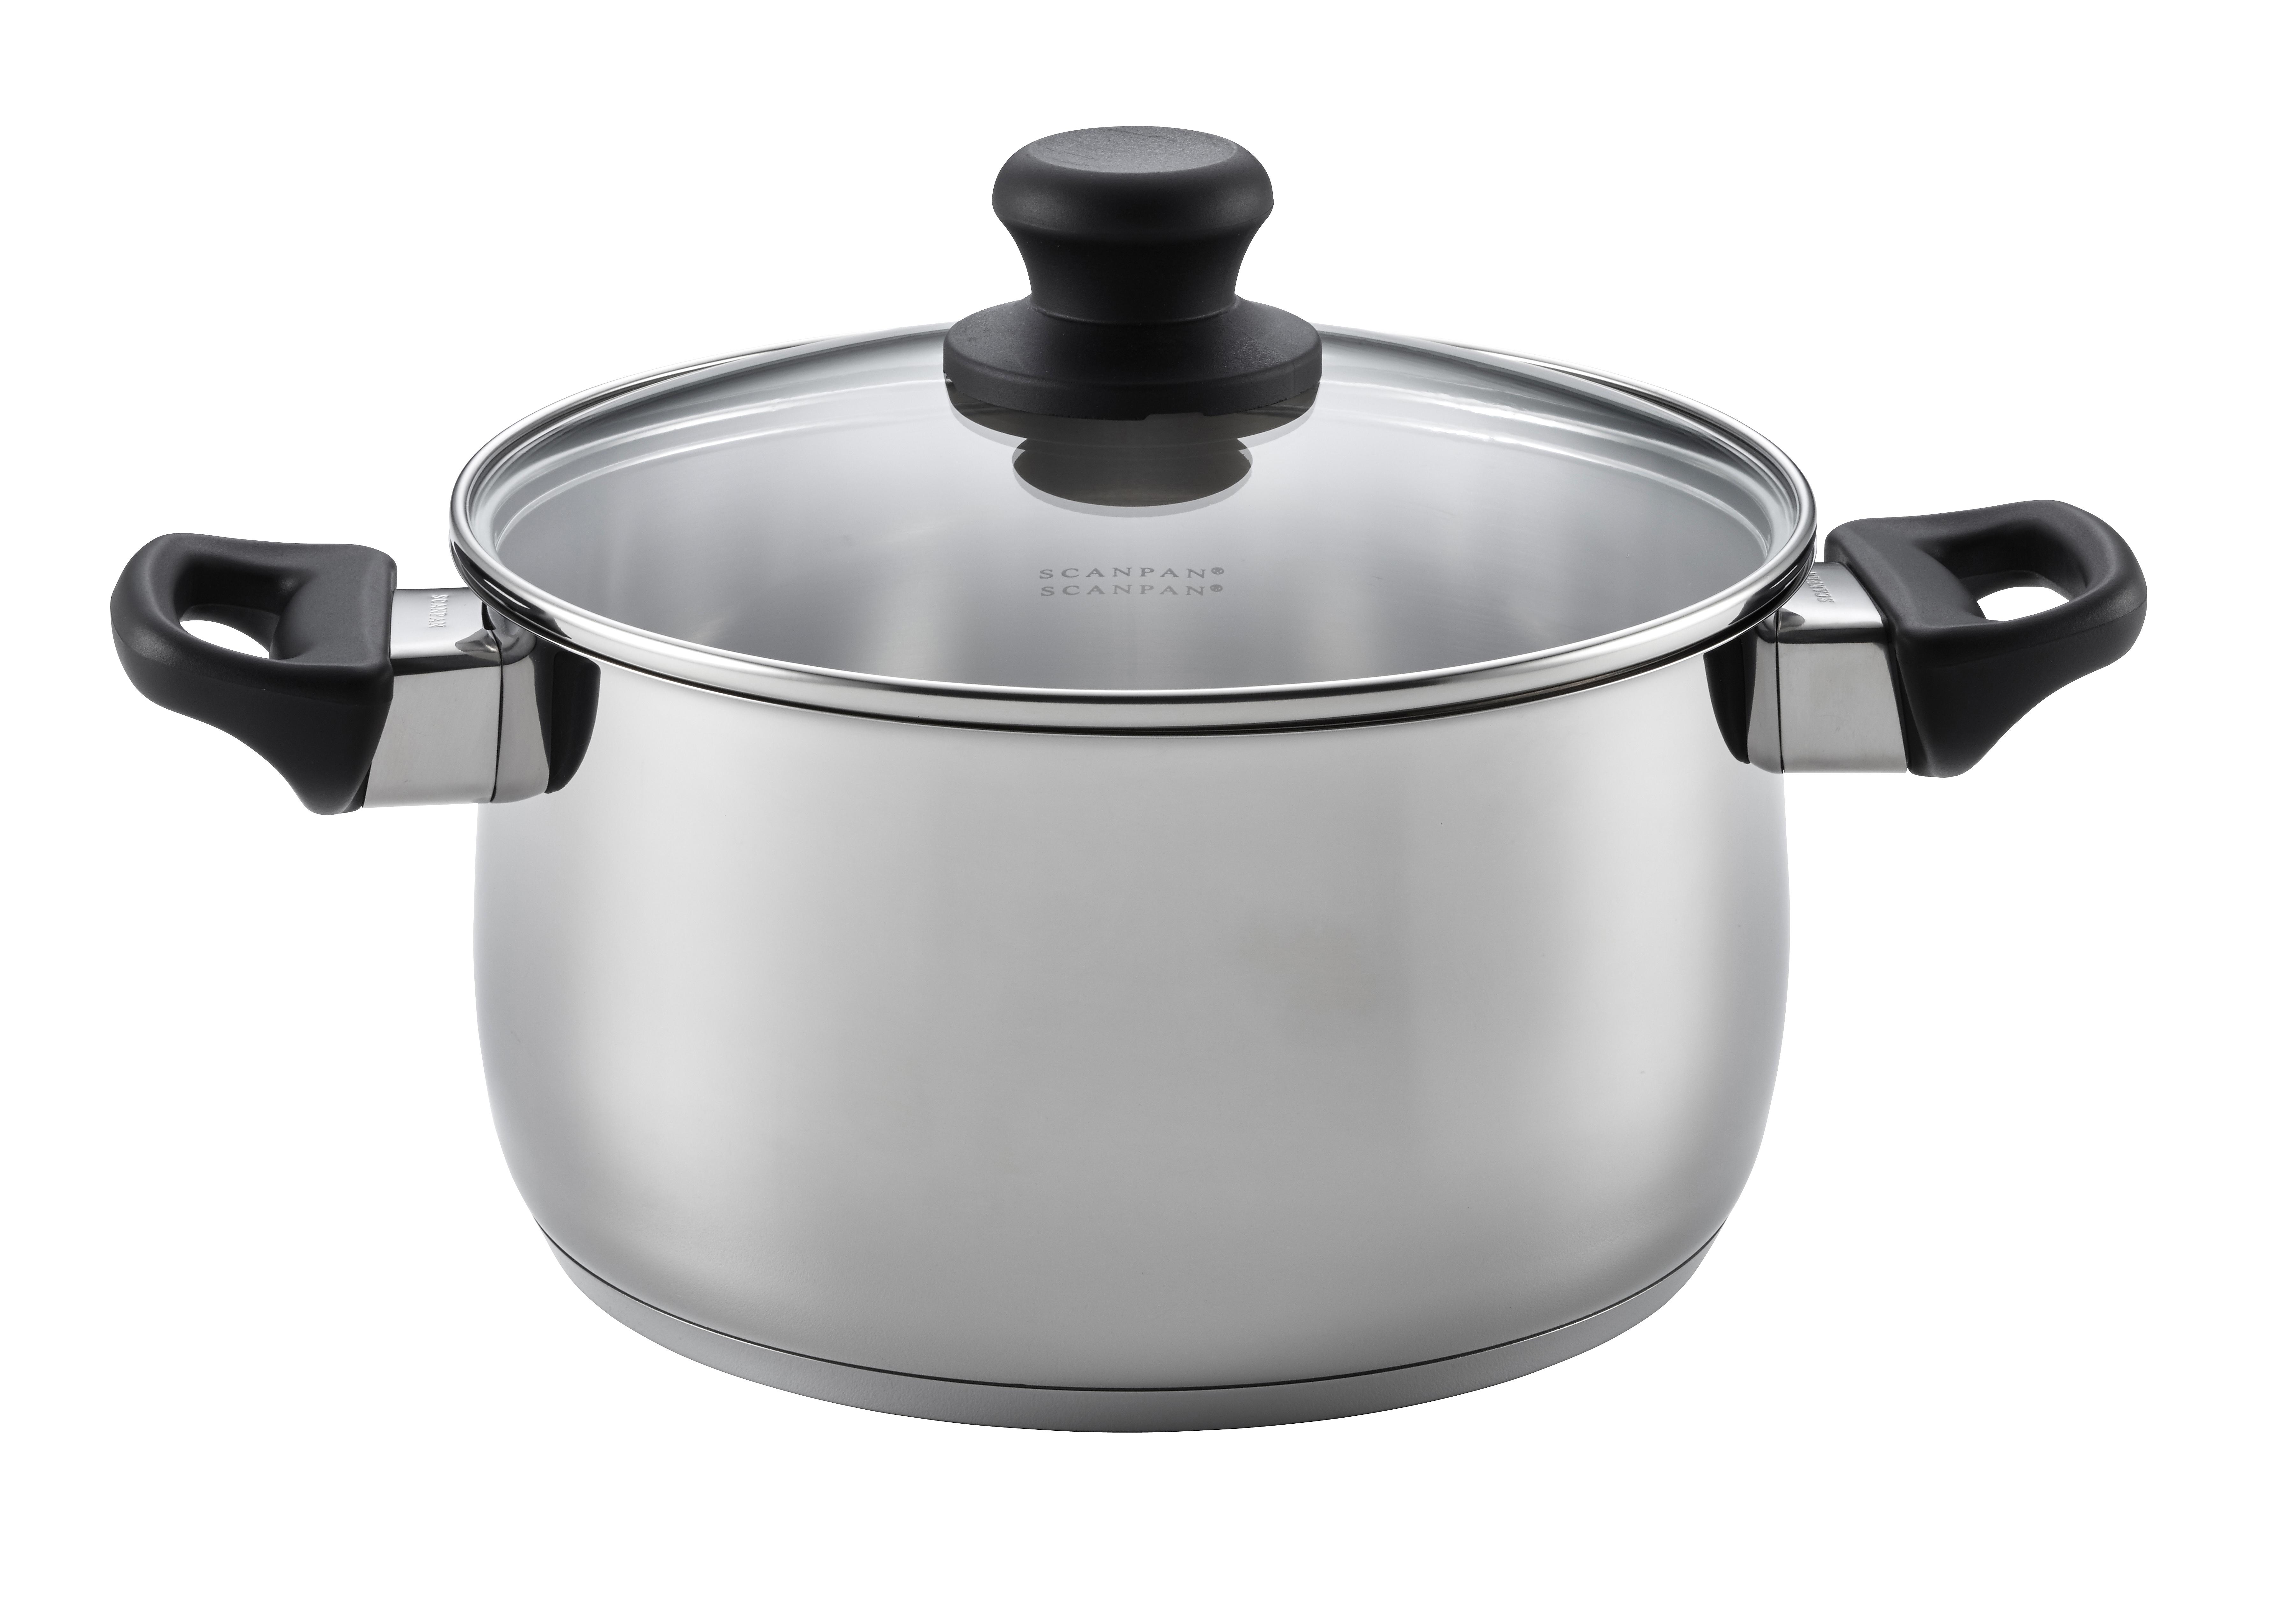 4.0 LDutchOvenwith lid -Classic Steel, 22cm